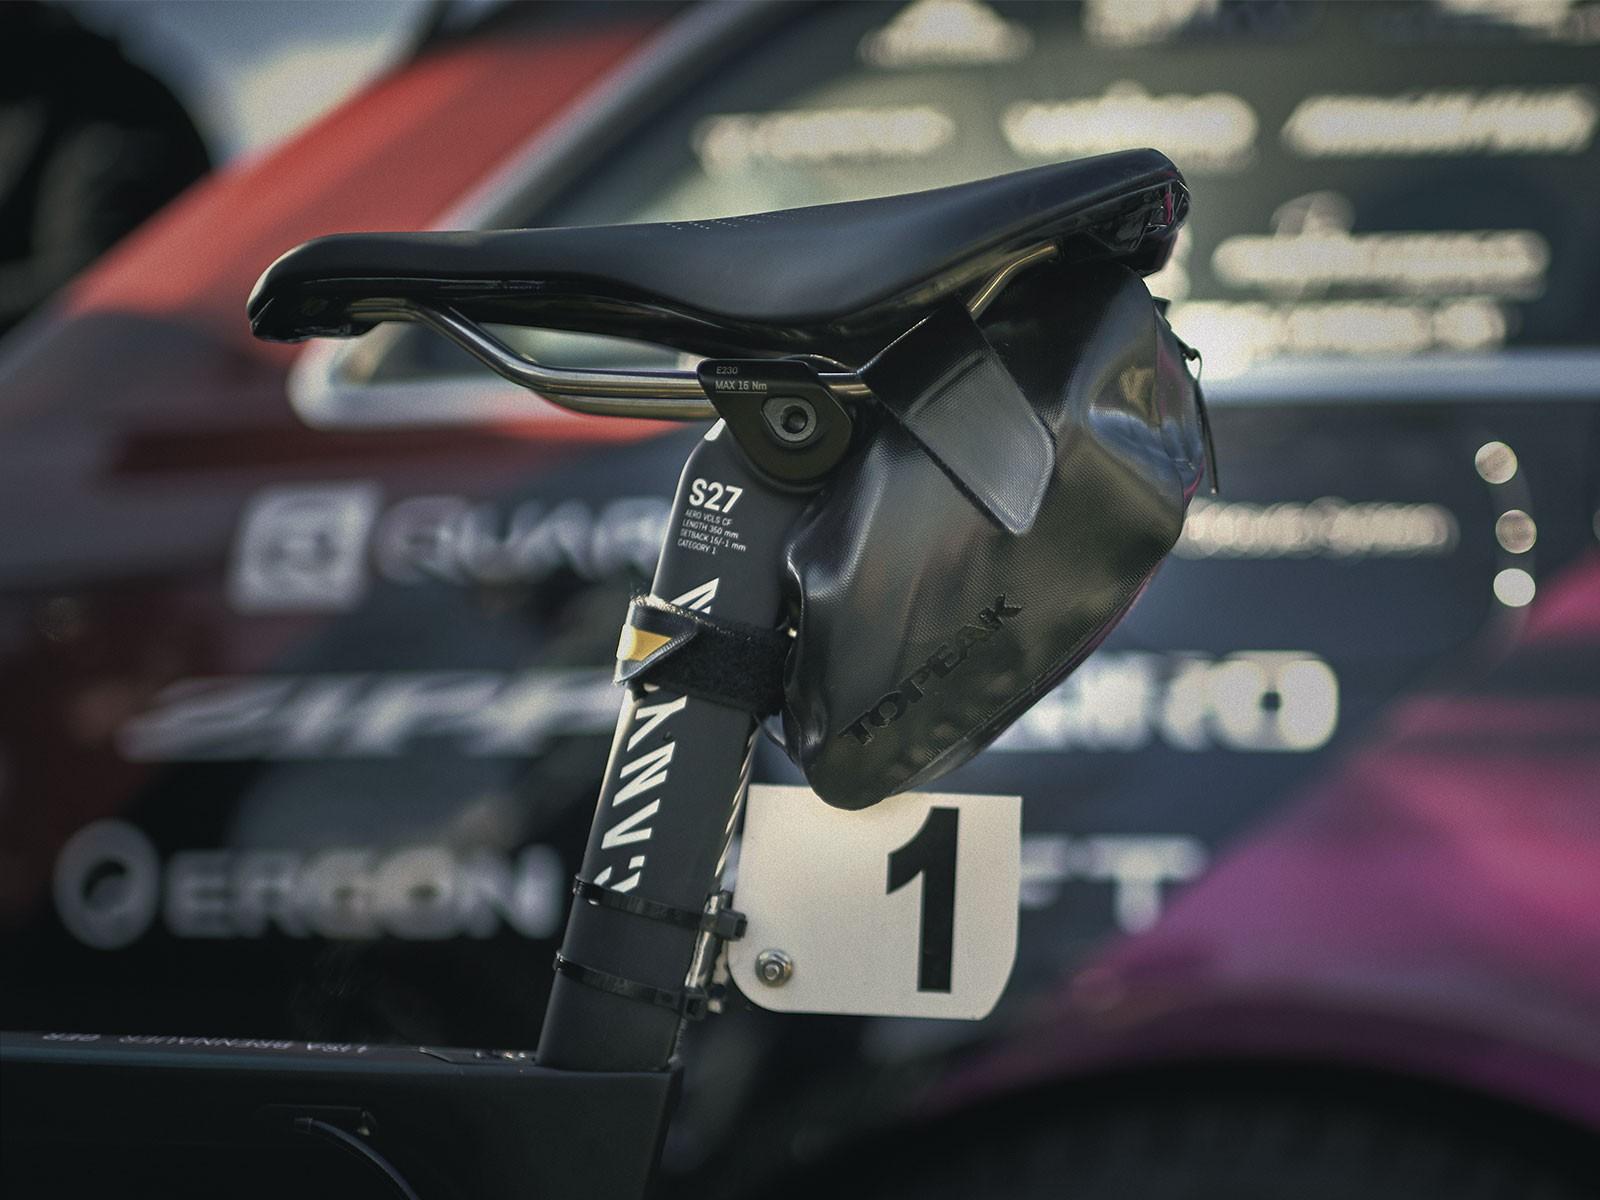 Topeak DynaWedge Micro Bike saddlebag bag 0.35L 66g